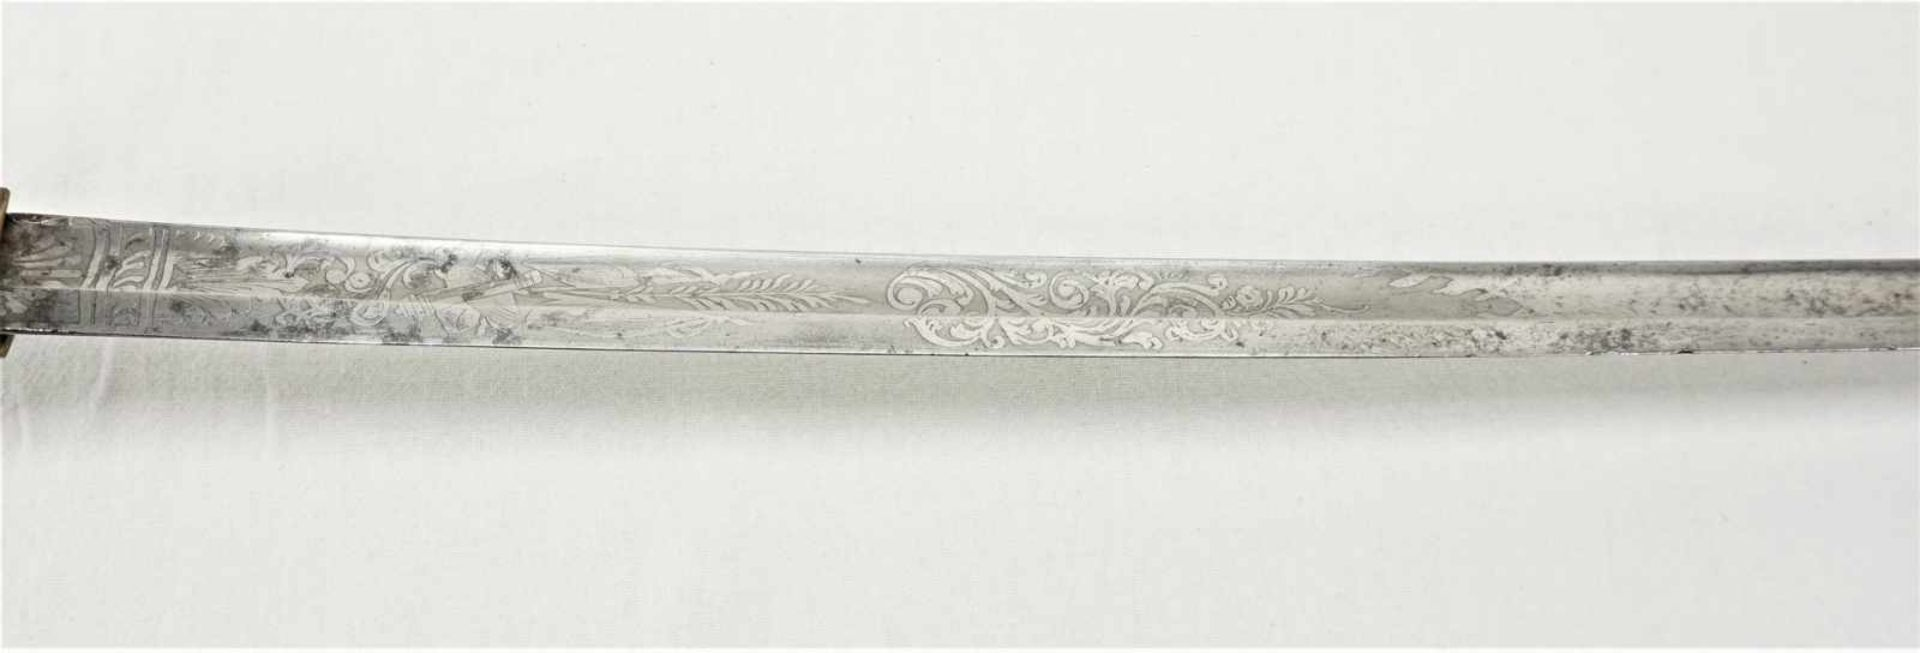 Löwenkopfsäbel um 1870 und Infanterie Säbel um 1800 - Bild 4 aus 8